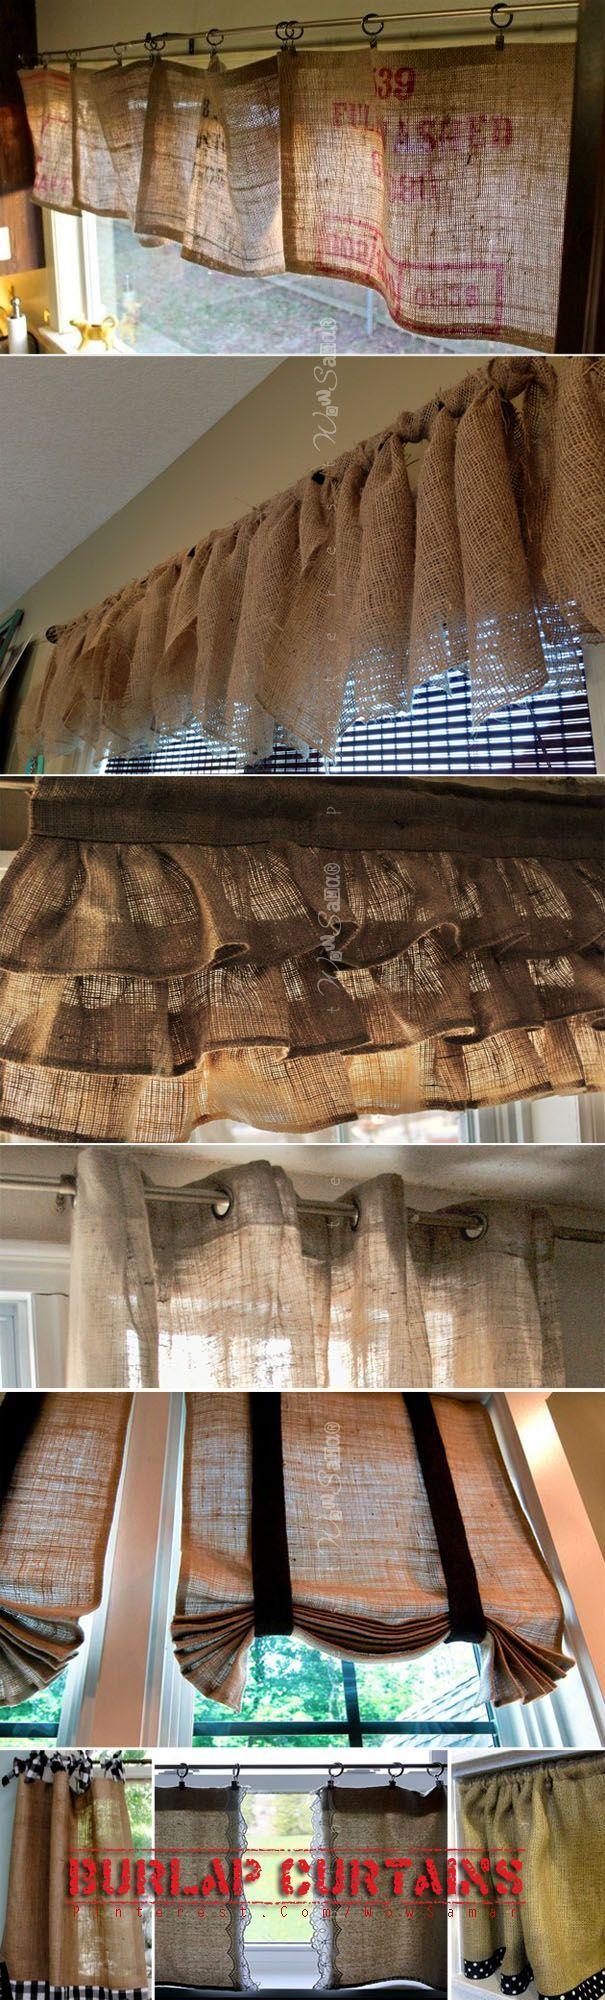 Cortines decoratives per interiors fetes d'Arpillera.